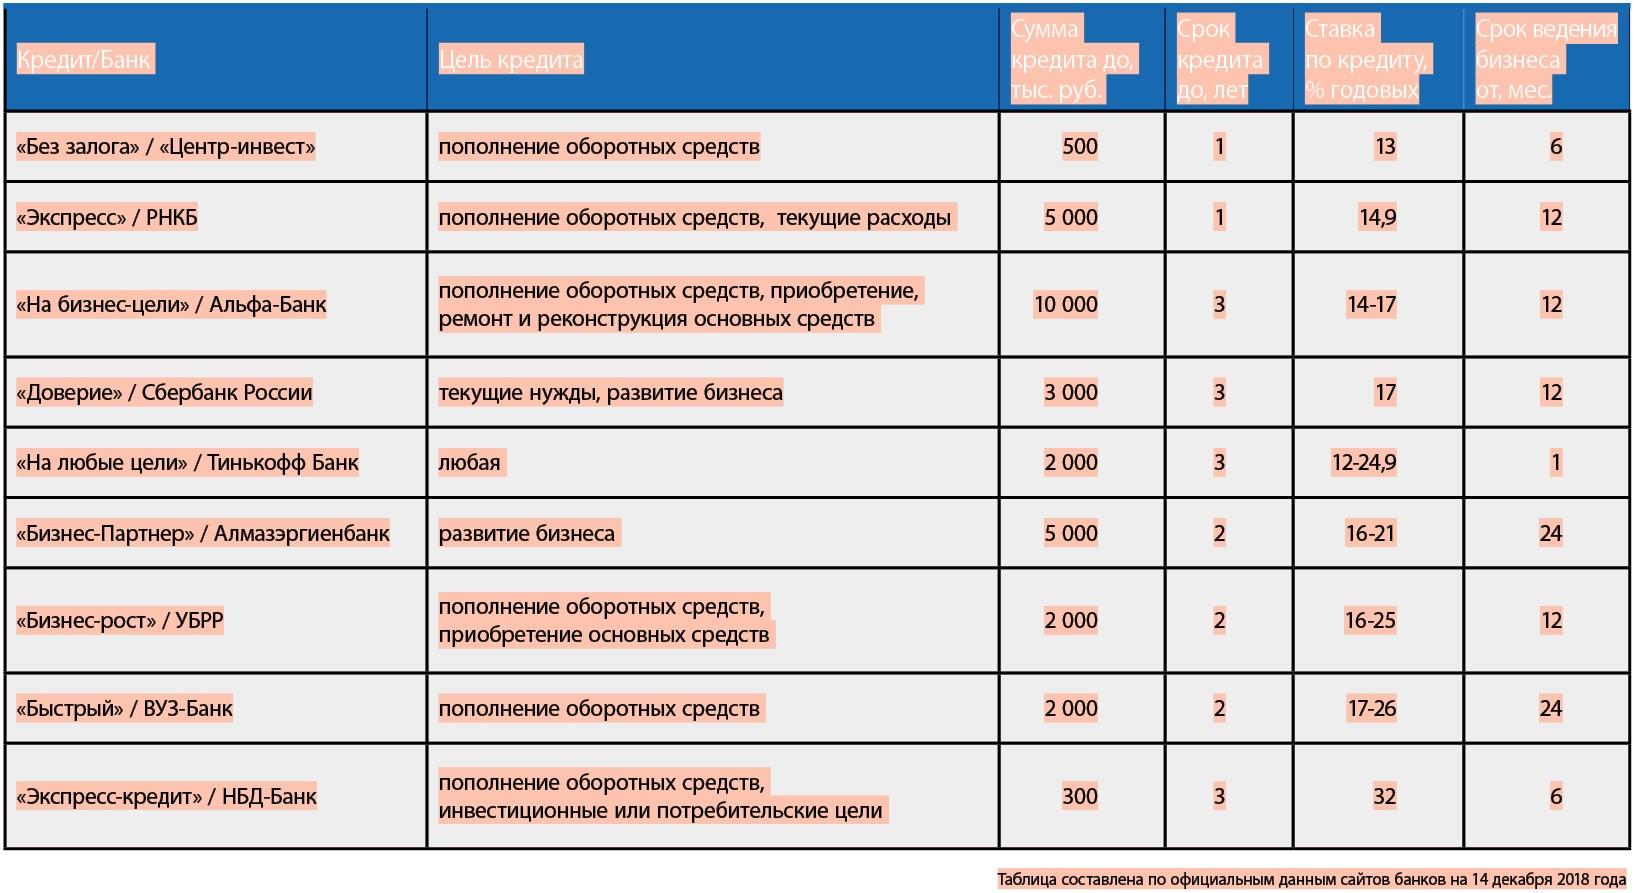 http://fsrmsp33.ru/wp-content/uploads/2019/02/%D0%BD%D0%BE%D0%B2%D0%BE%D1%81%D1%82%D1%8C-%D1%84%D0%B5%D0%B2%D1%80%D0%B0%D0%BB%D1%8C-3-5.jpg